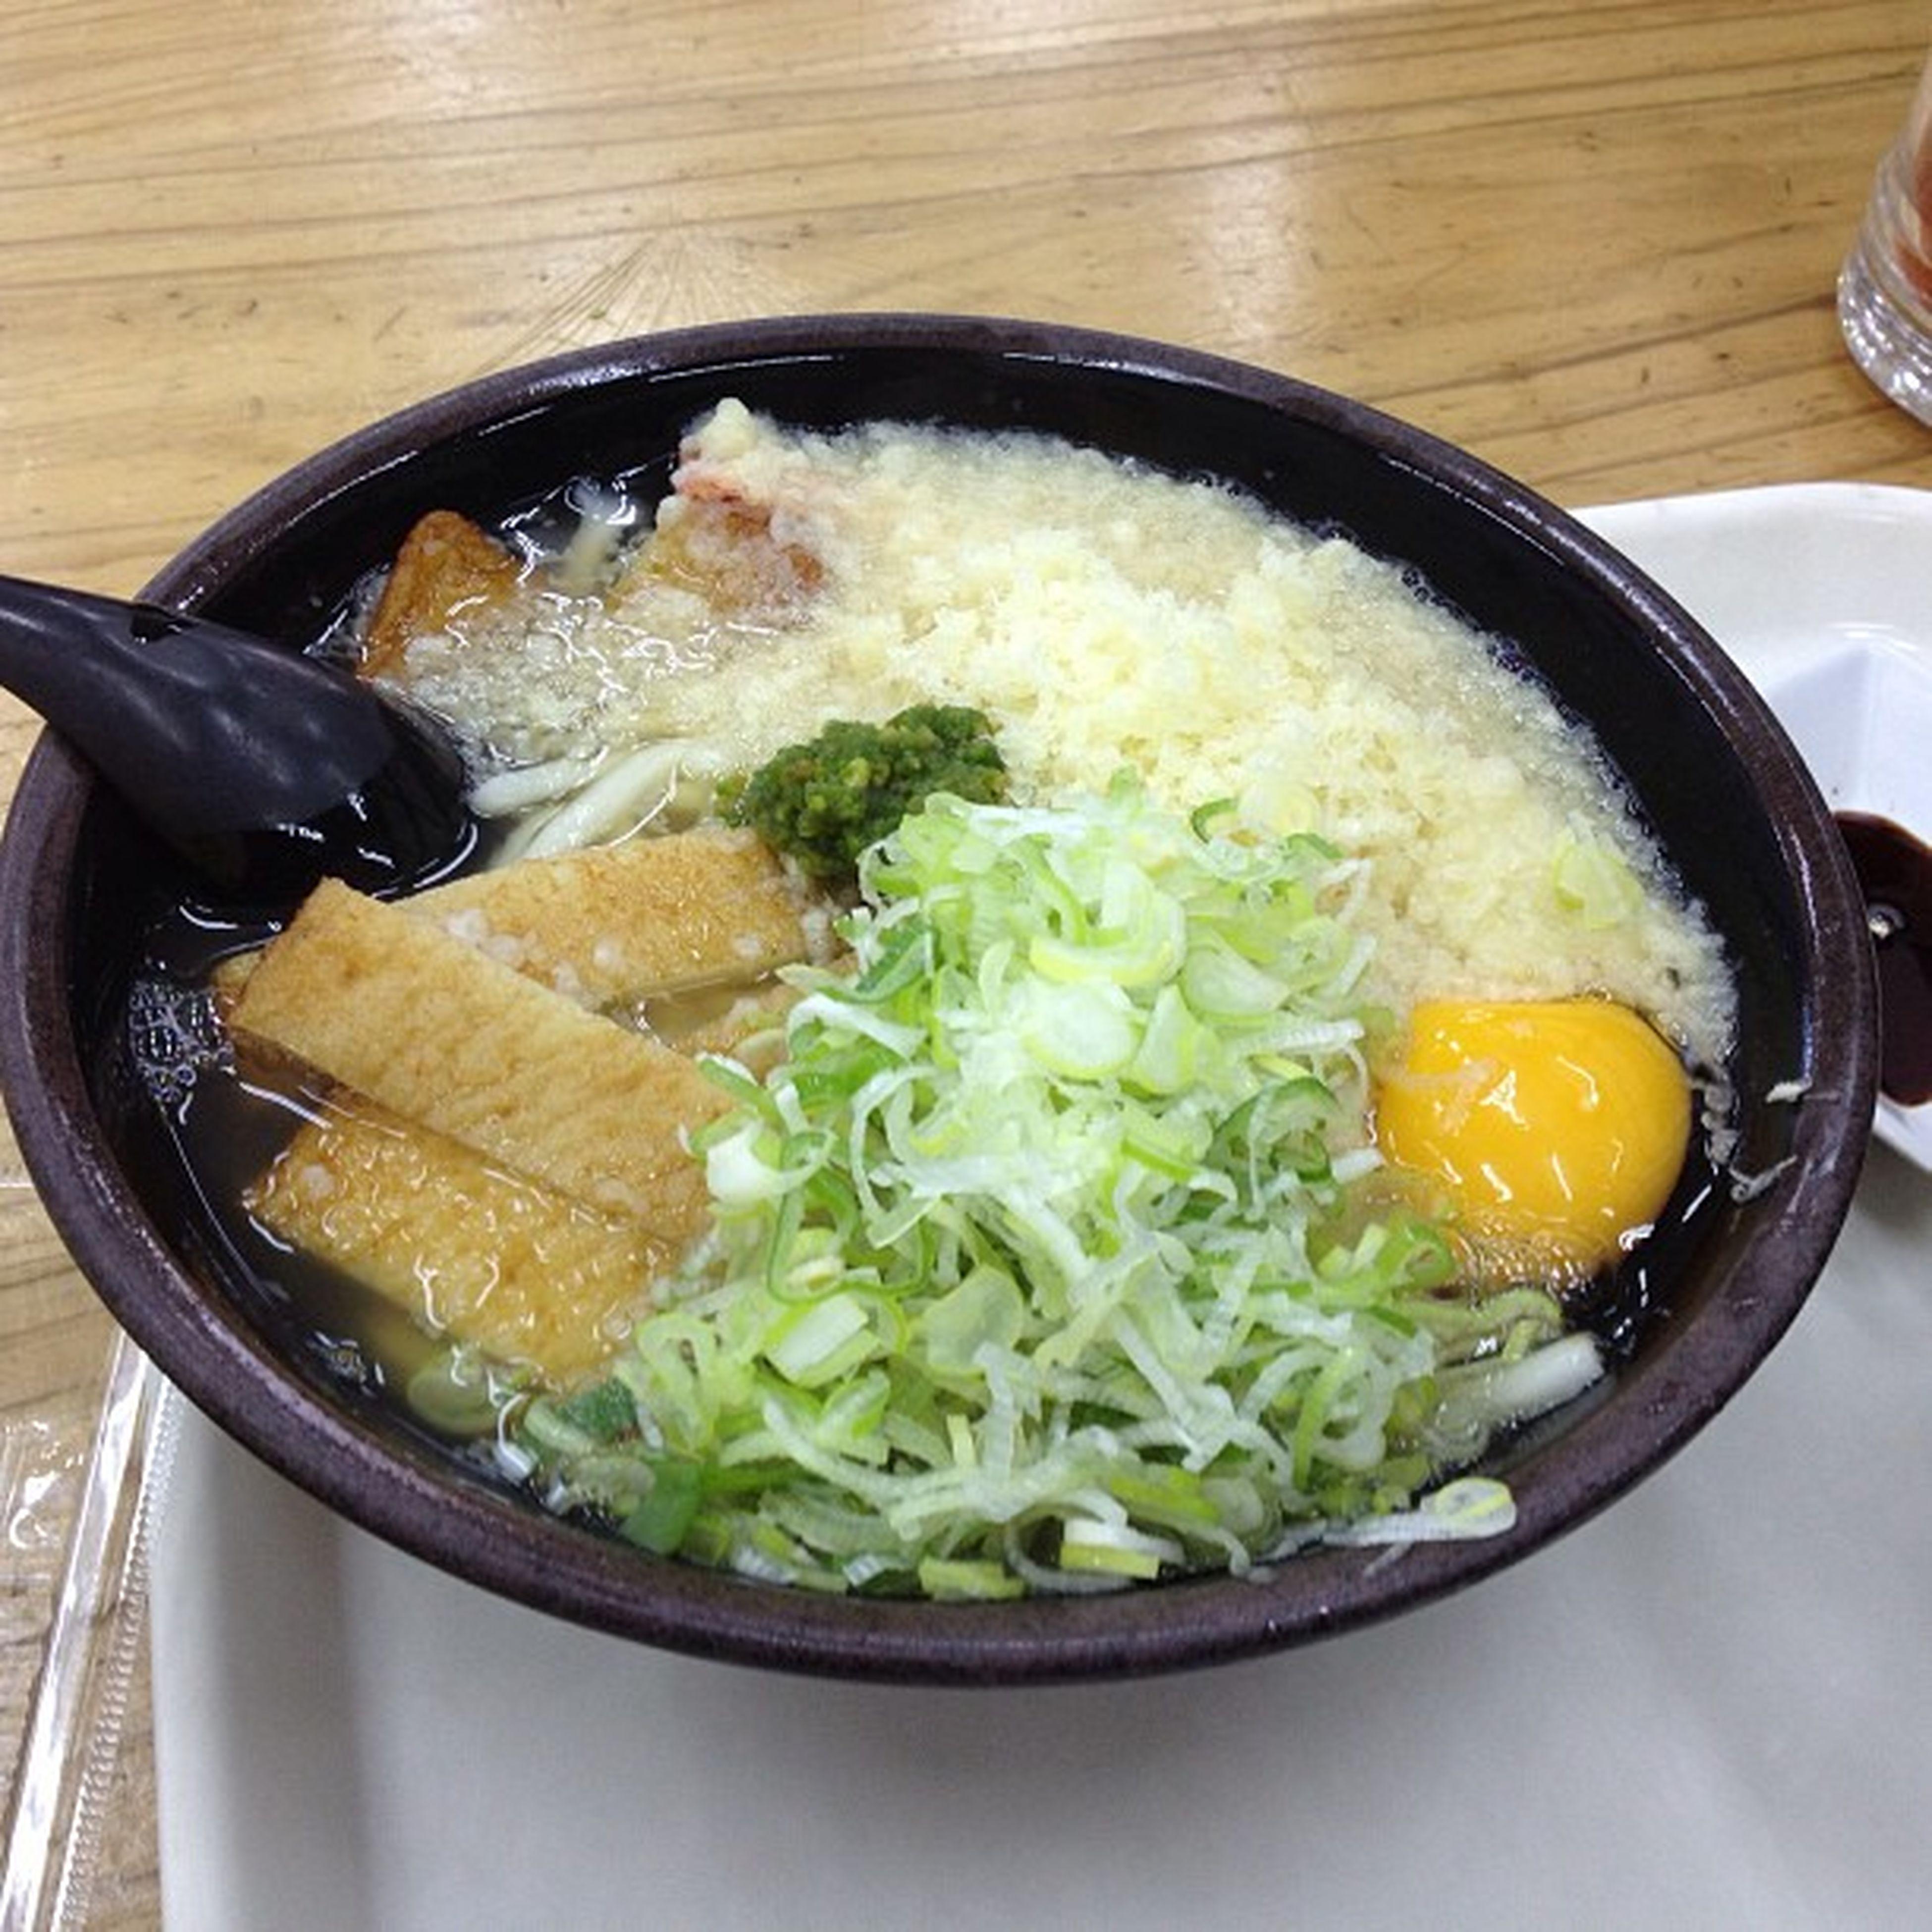 うどん食べるよ\(^o^)/